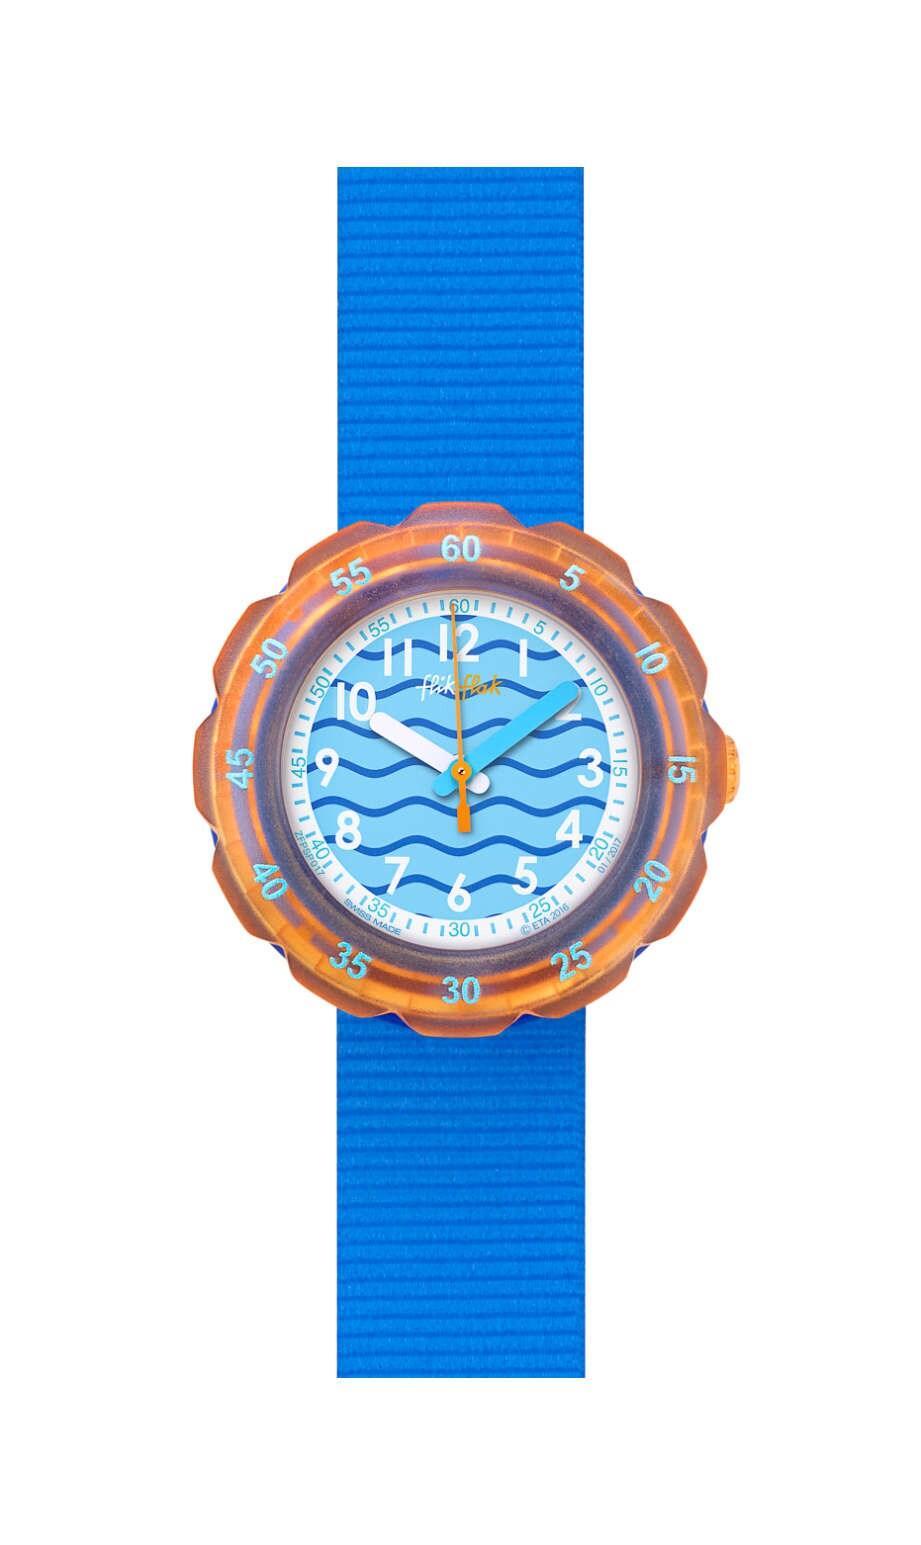 Swatch - UNDERWATER - 1